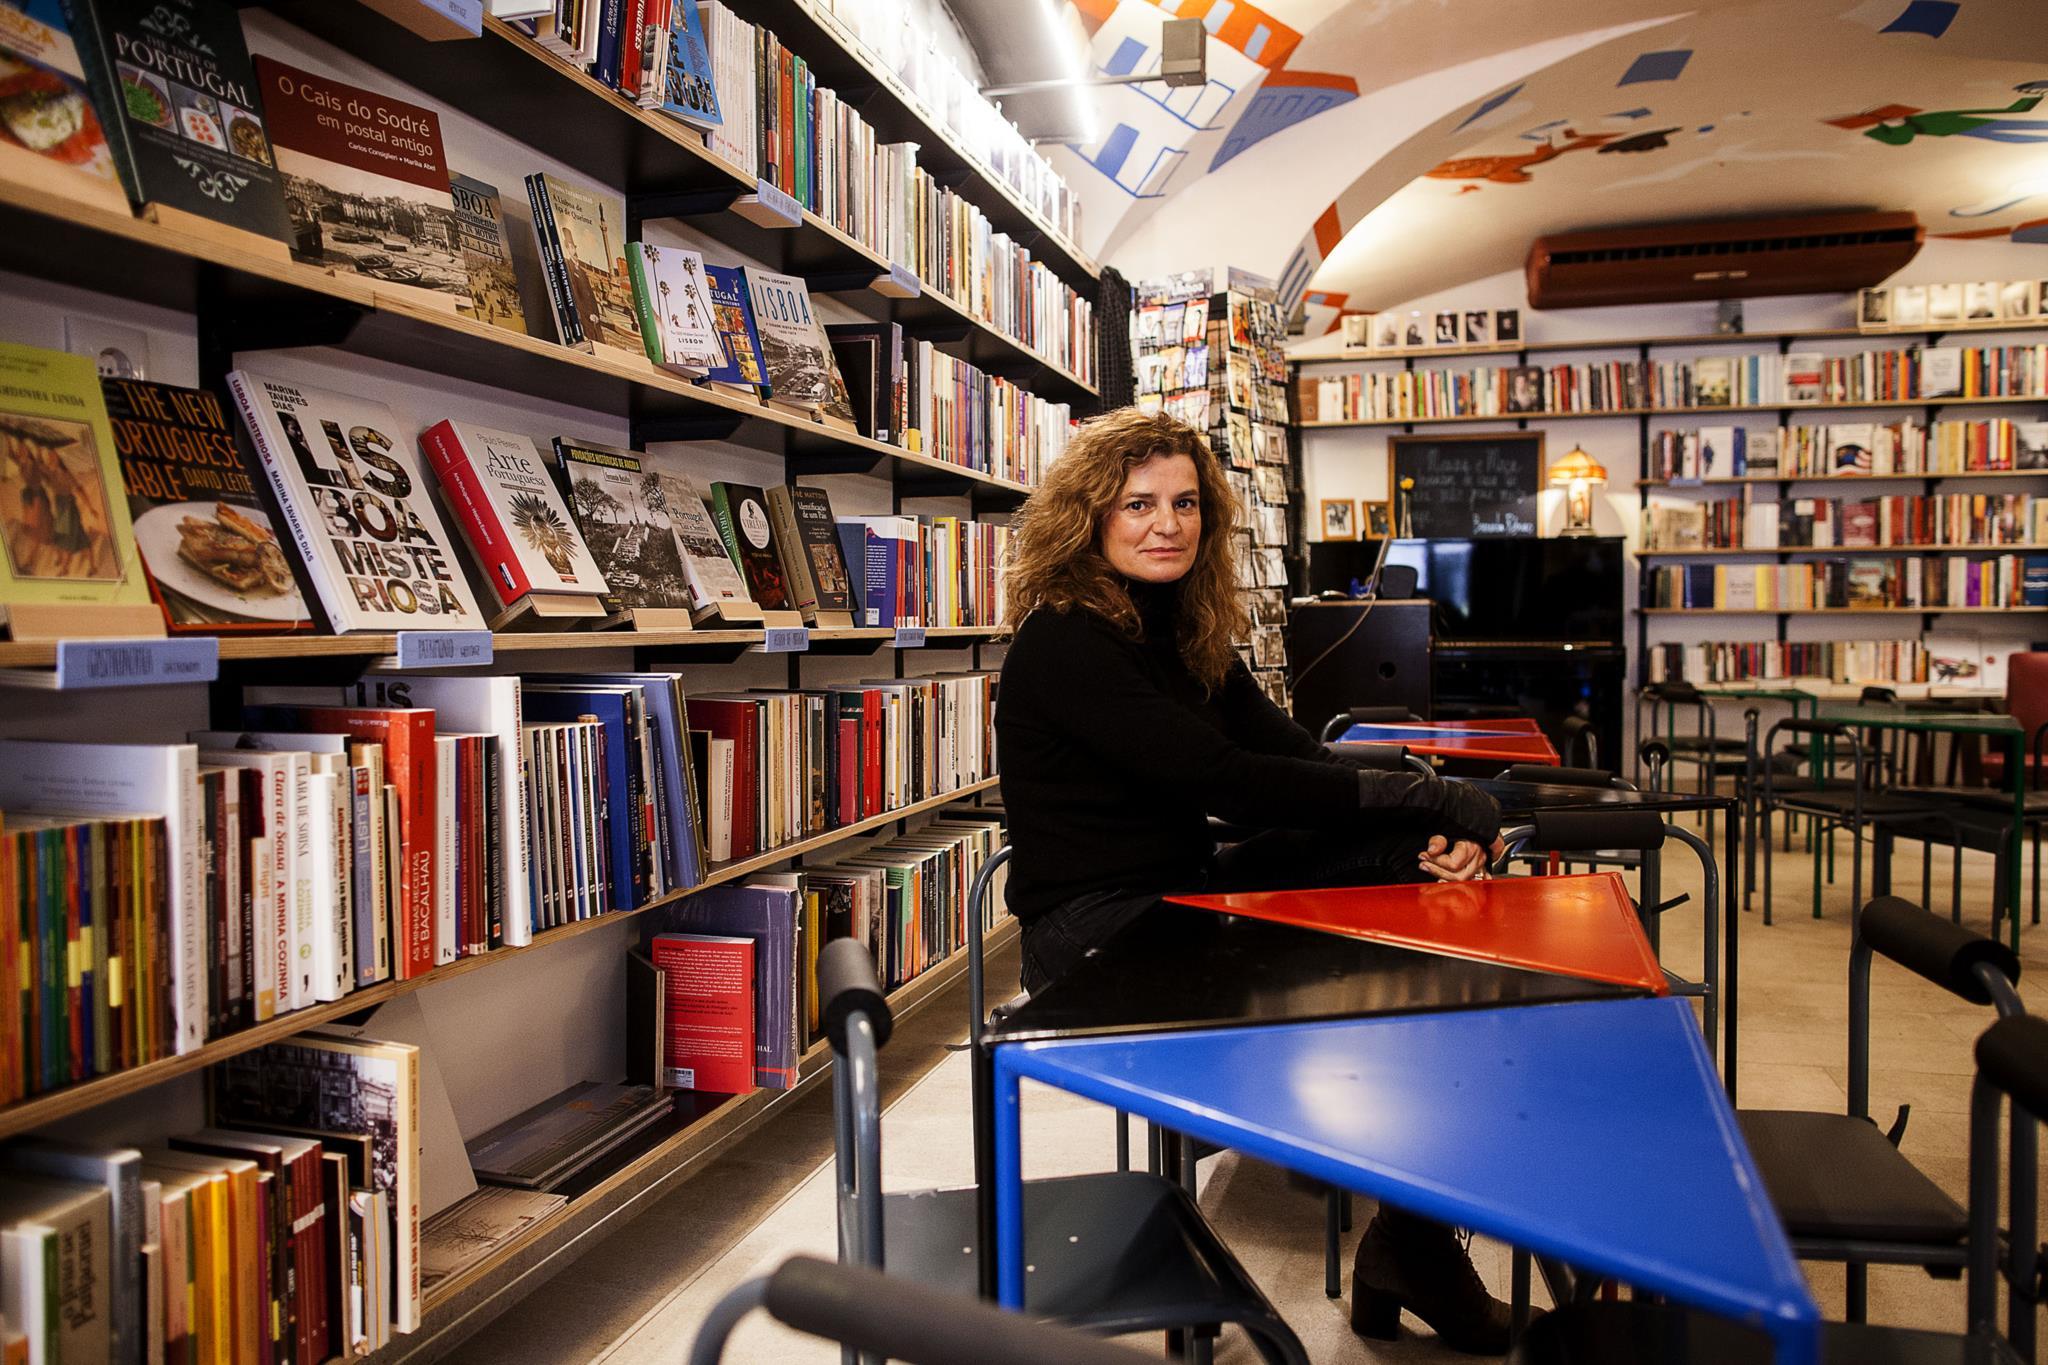 PÚBLICO - Menina e Moça, uma livraria-bar no coração da boémia lisboeta